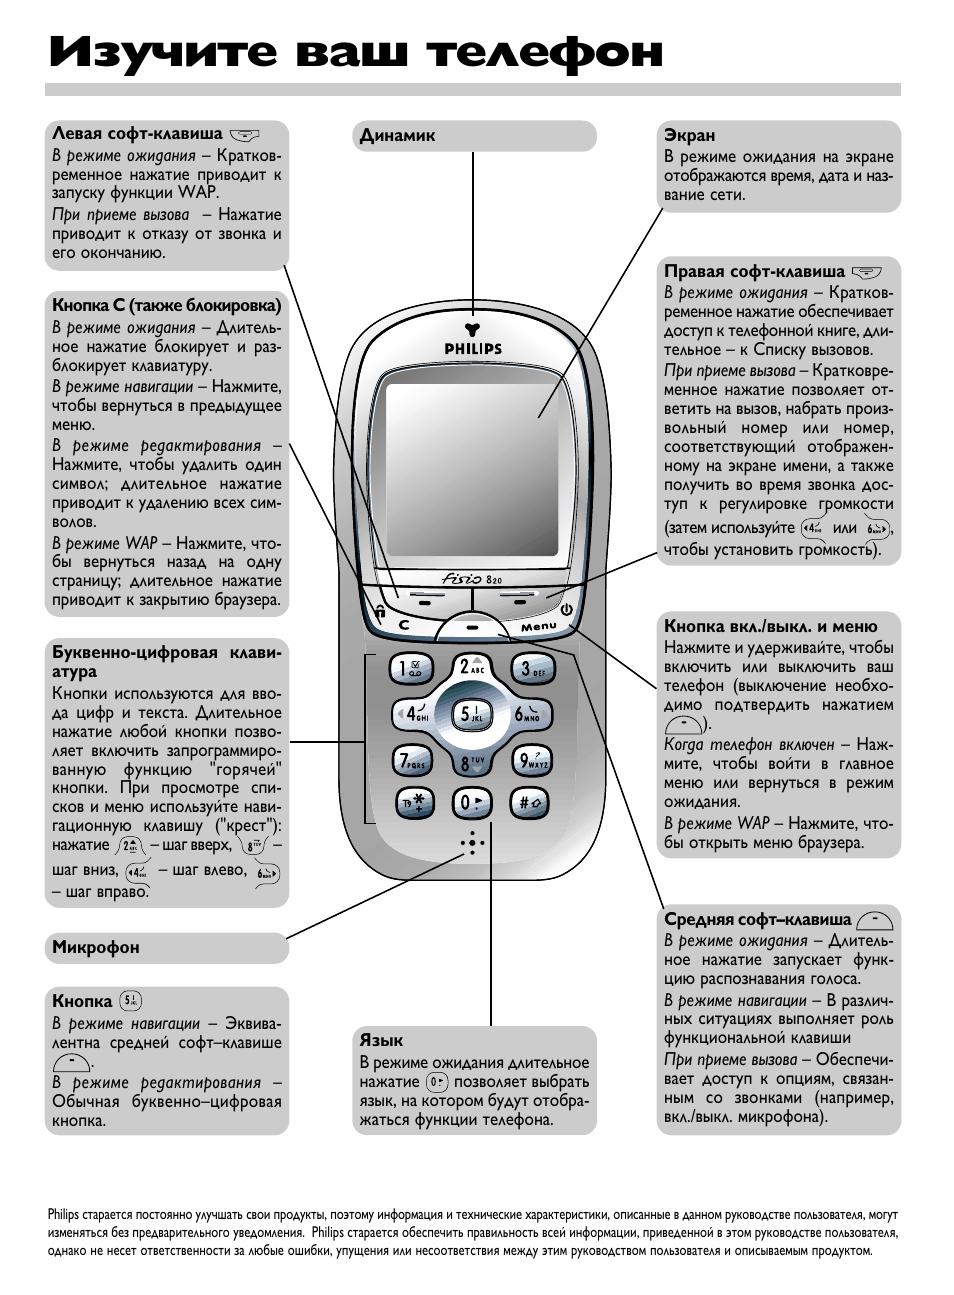 инструкция по эксплуатации телефона филипс е 570